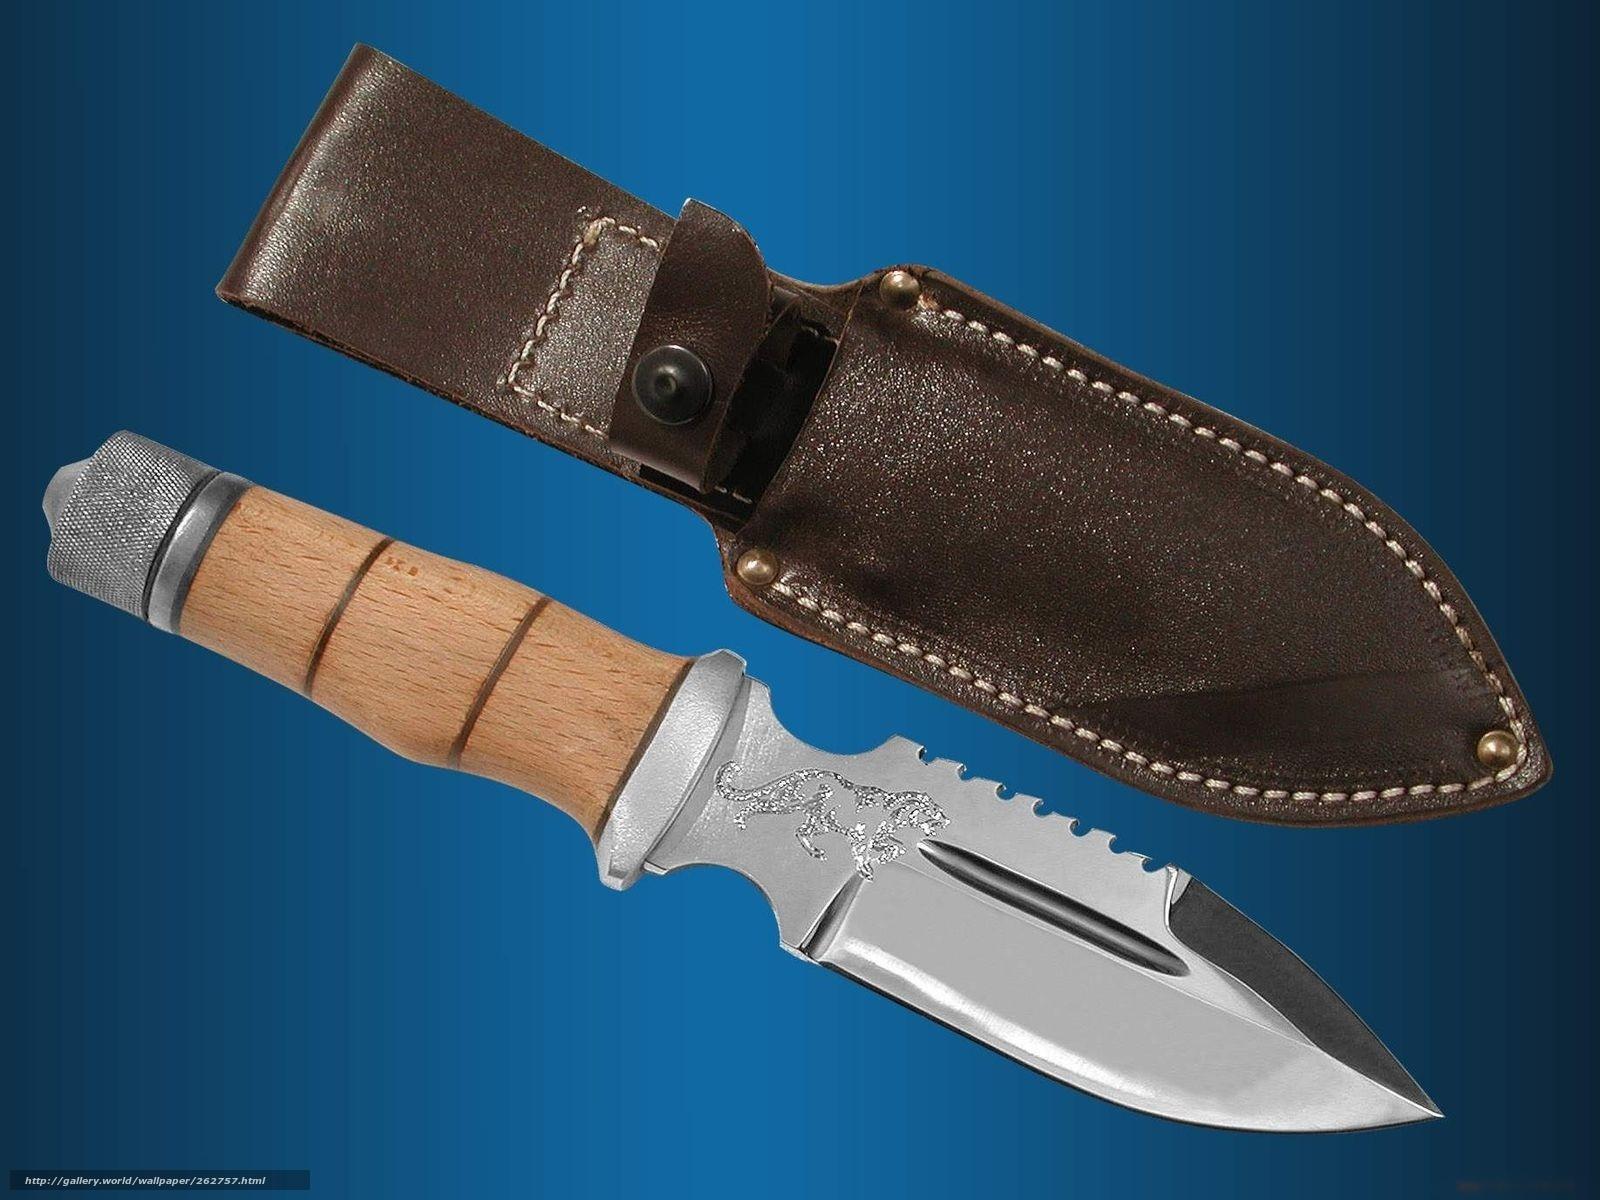 Самые опасные ножи мира, Самые необычные ножи в мире! (12 фото 1 видео) 7 фотография